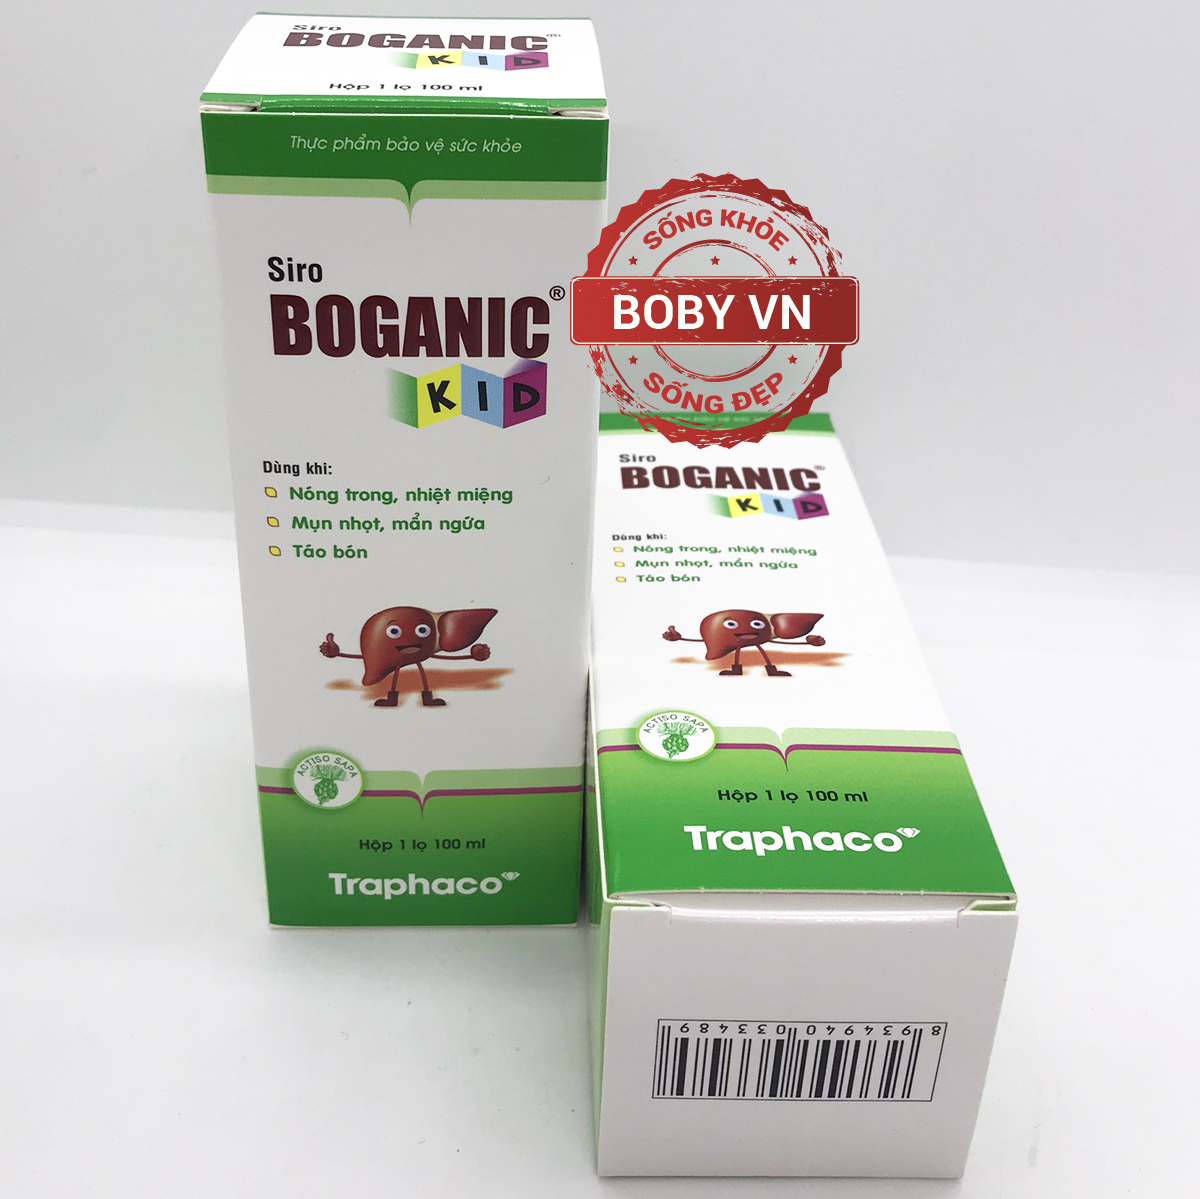 Siro Boganic Kid hỗ trợ trẻ khỏi nóng trong, nhiệt miệng, táo bón, mụn nhọt, mẩn ngứa